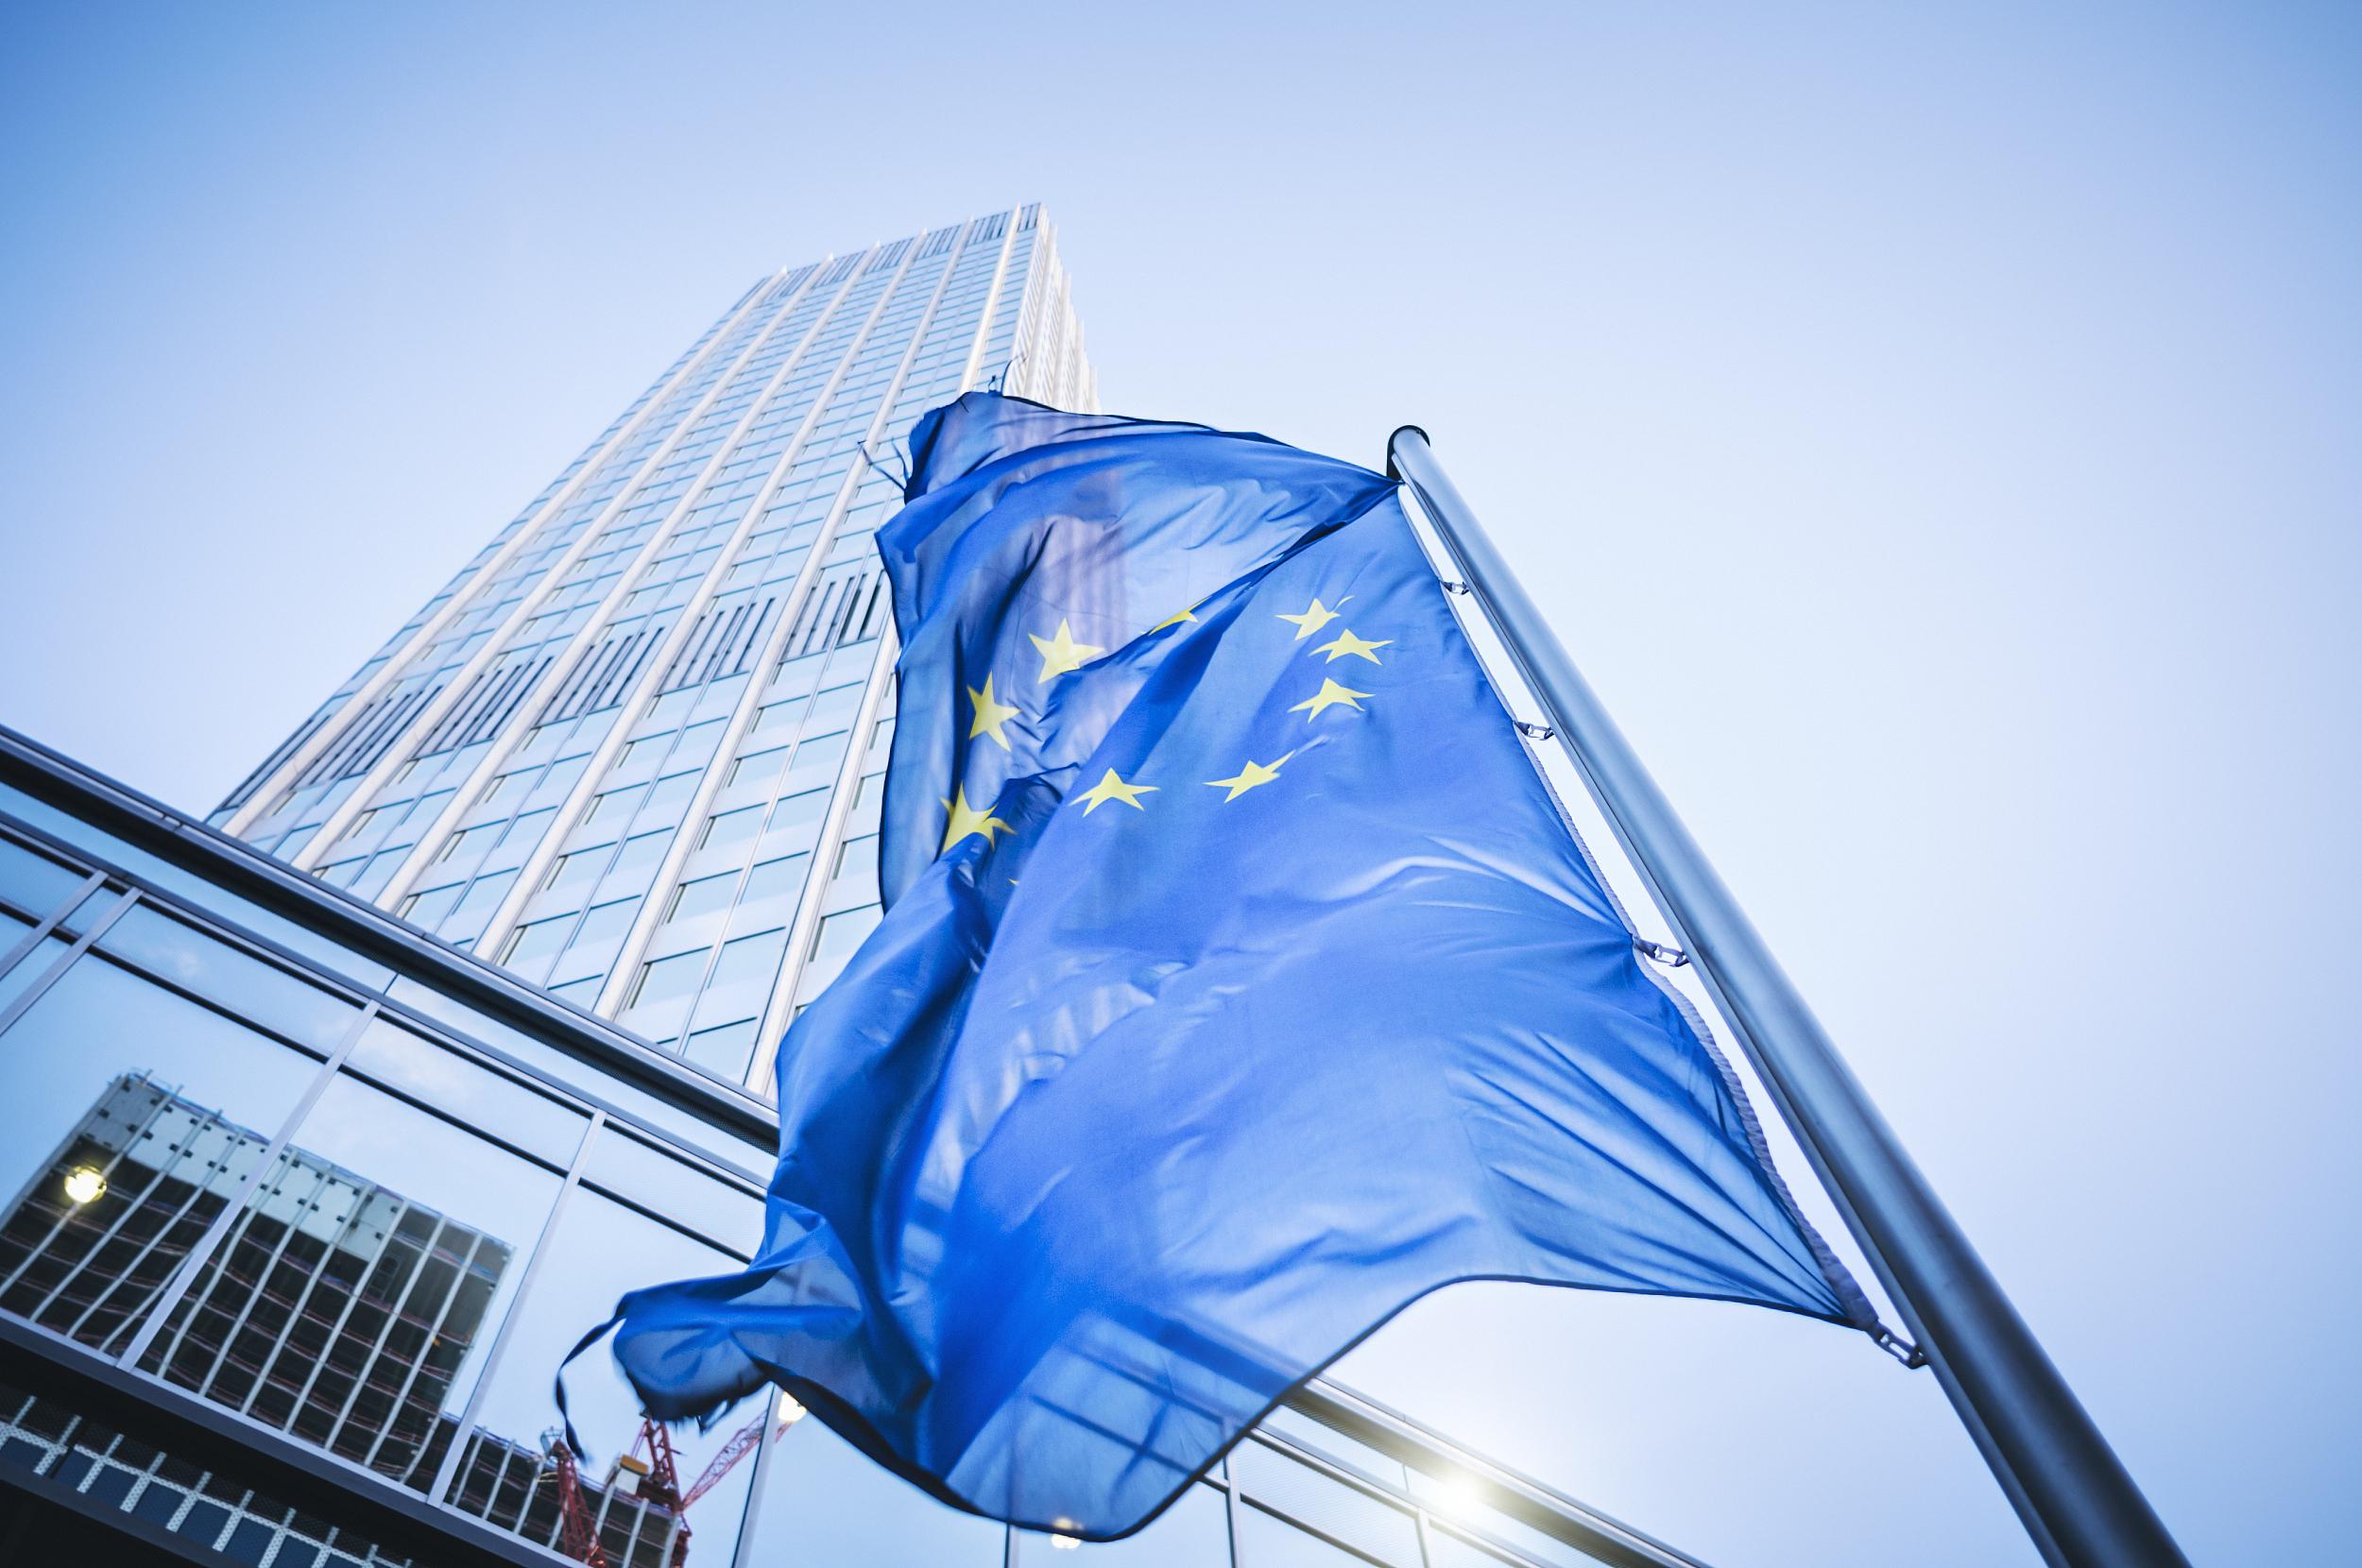 欧洲央行维持三大利率不变 本季度将加快PEPP购买步伐